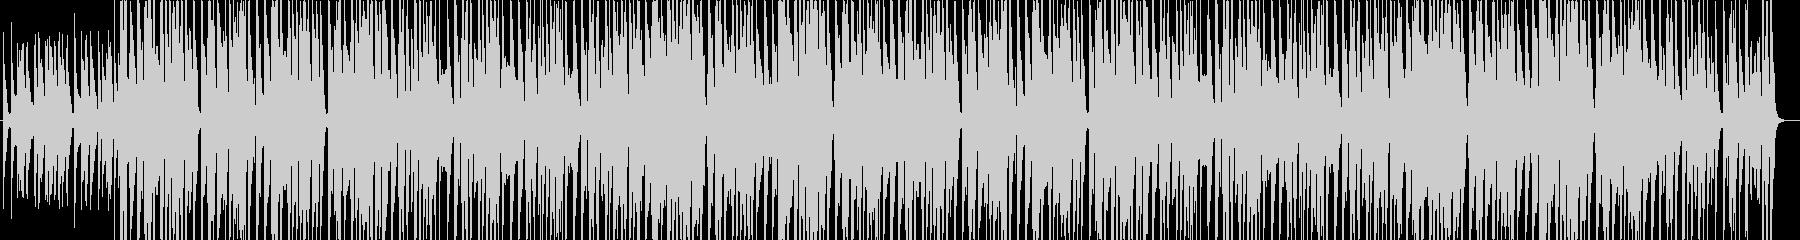 マリンバ・かわいい・オープニング POPの未再生の波形